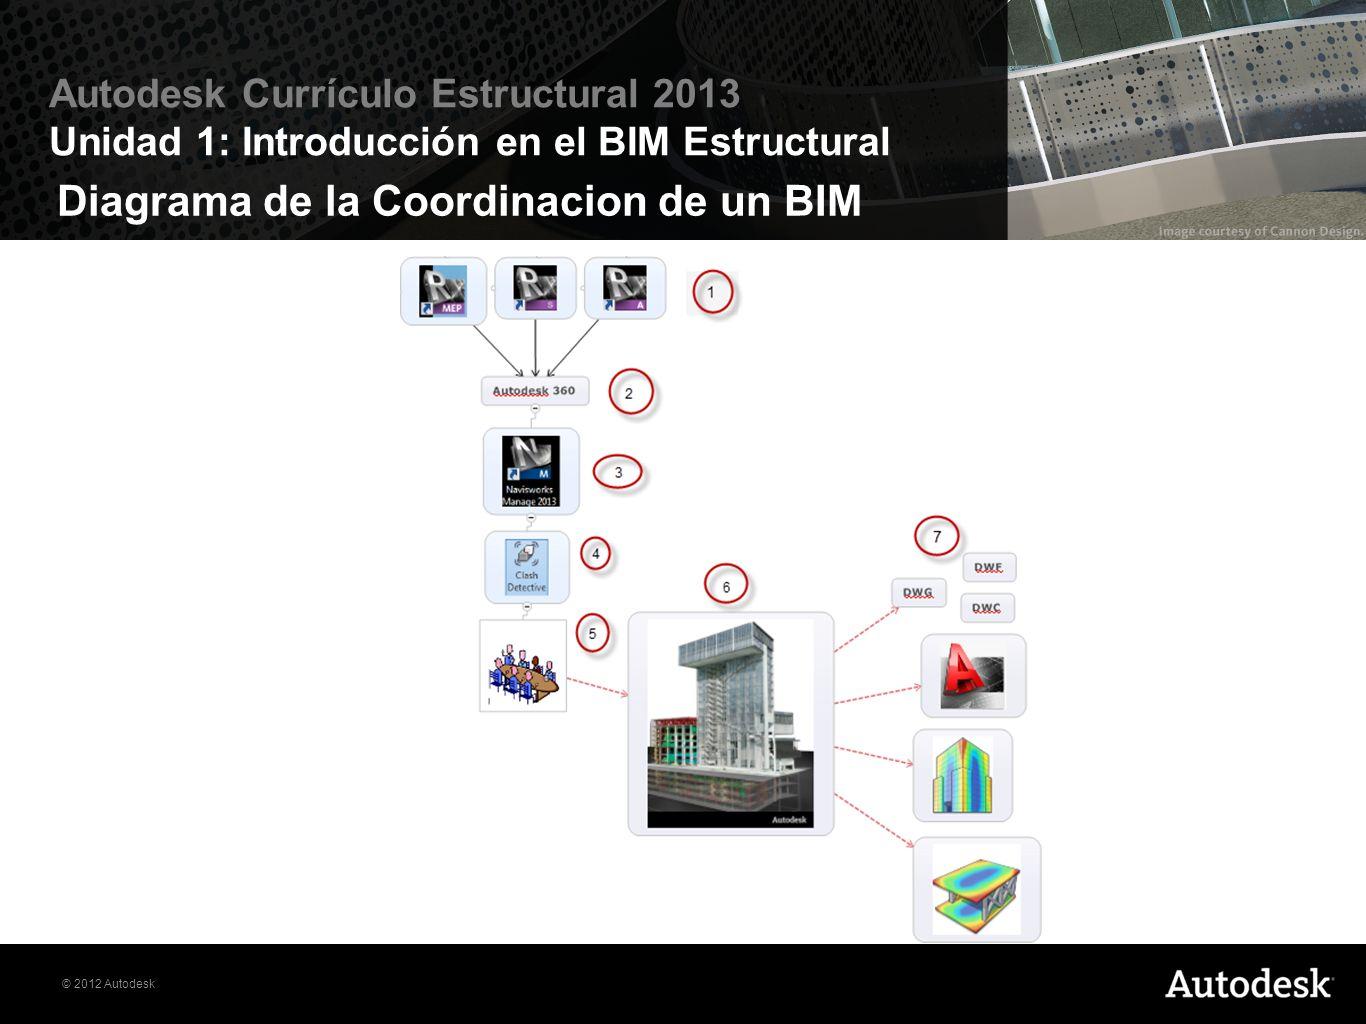 © 2012 Autodesk Autodesk Currículo Estructural 2013 Unidad 1: Introducción en el BIM Estructural Diagrama de la Coordinacion de un BIM